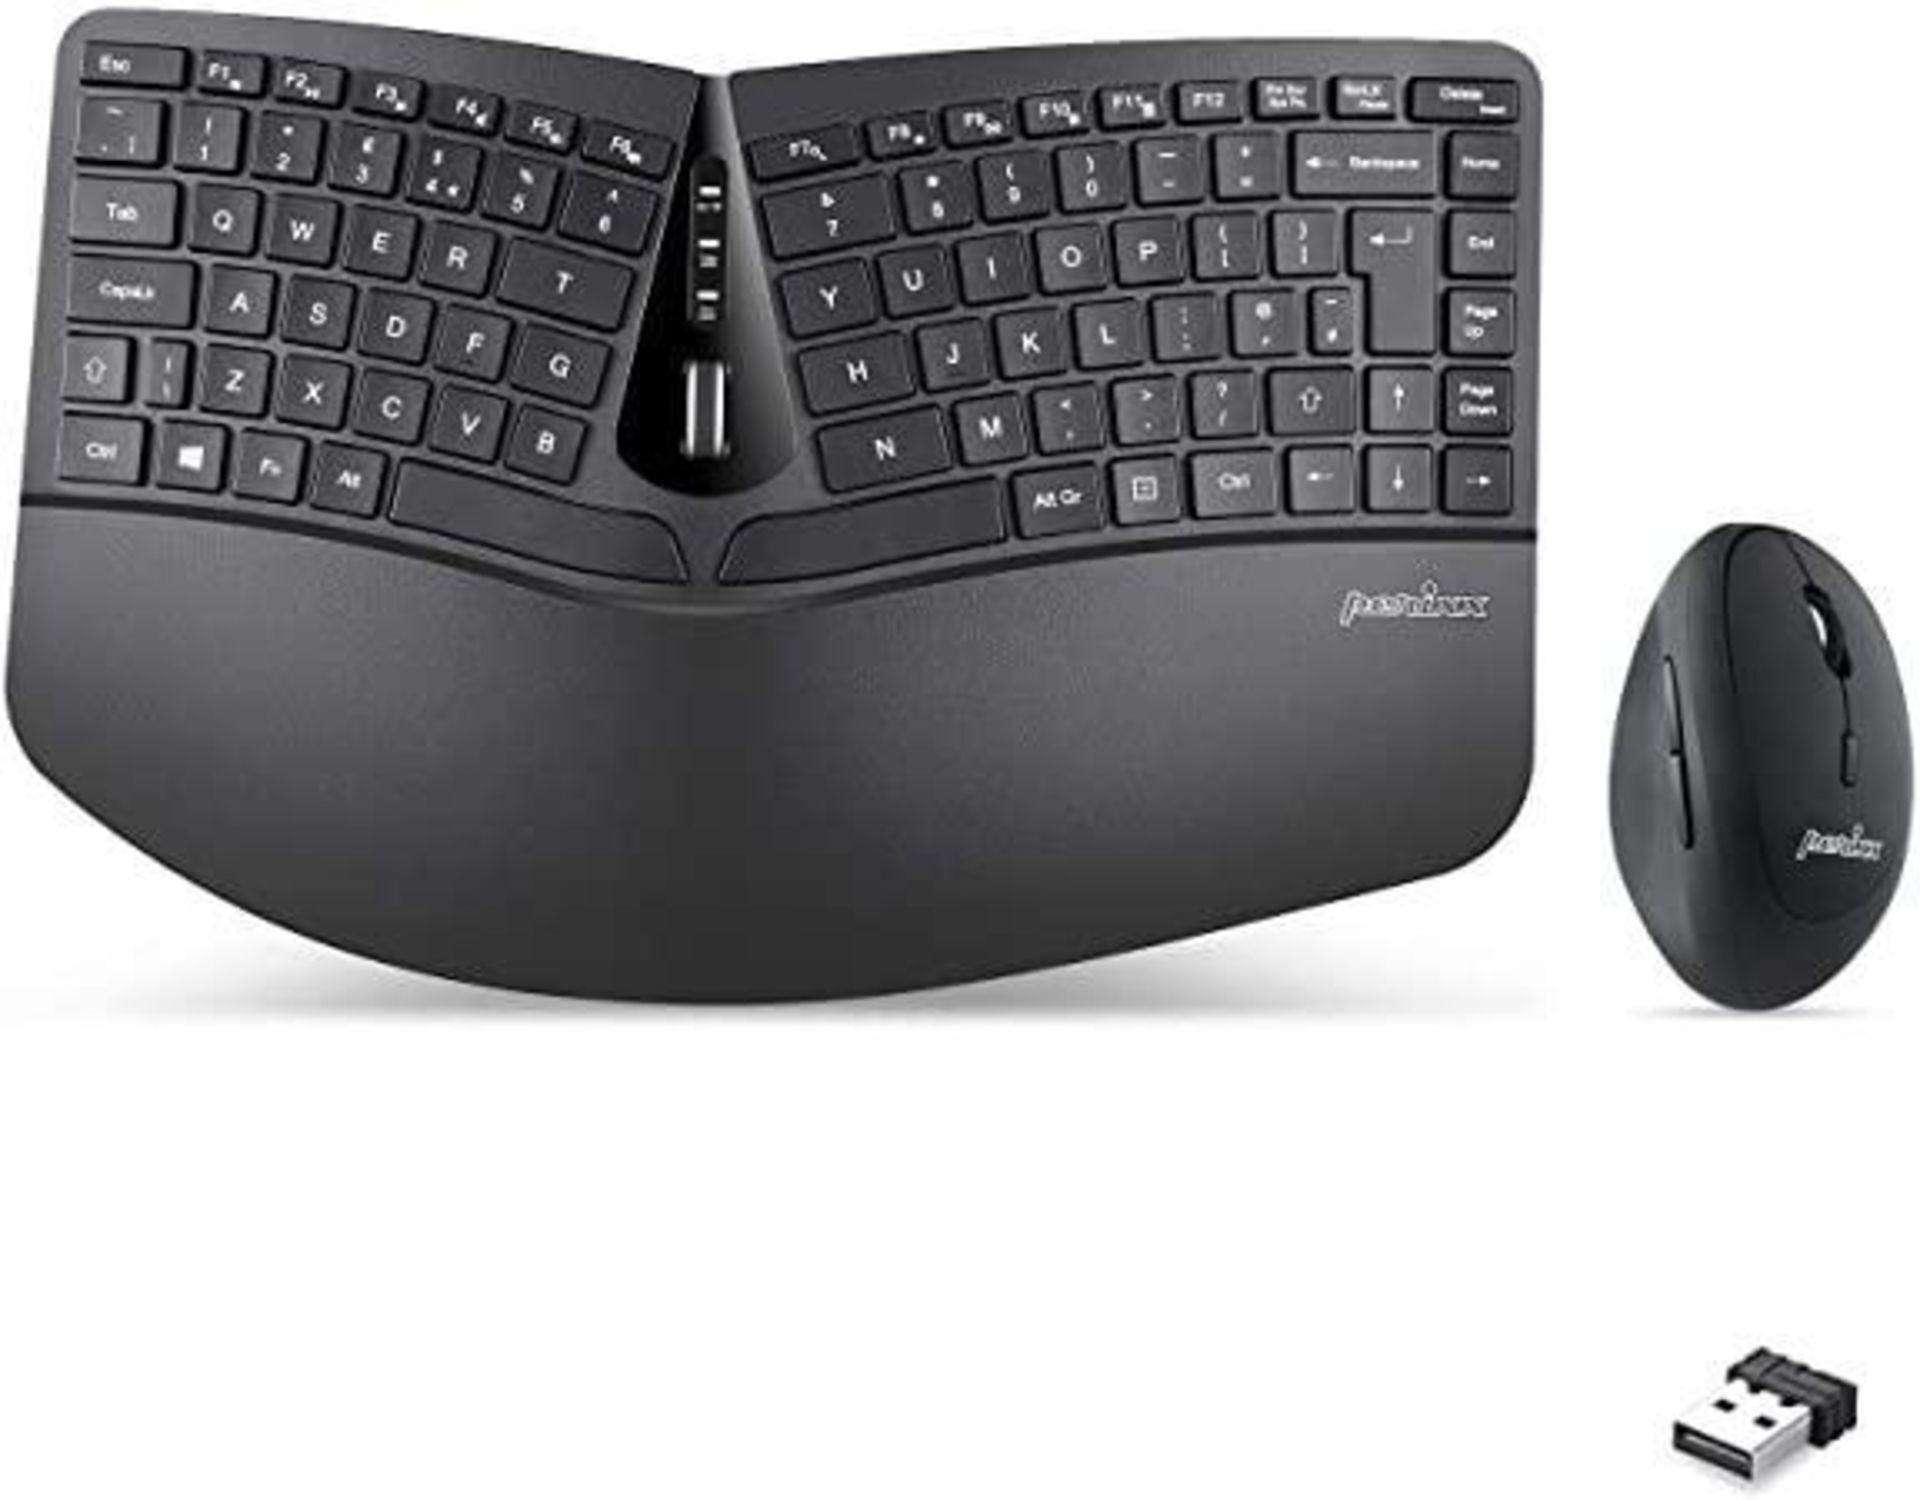 Perixx PERIDUO-606 Wireless Mini Ergonomic Keyboard and Vertical Mouse Combo,UK Layout